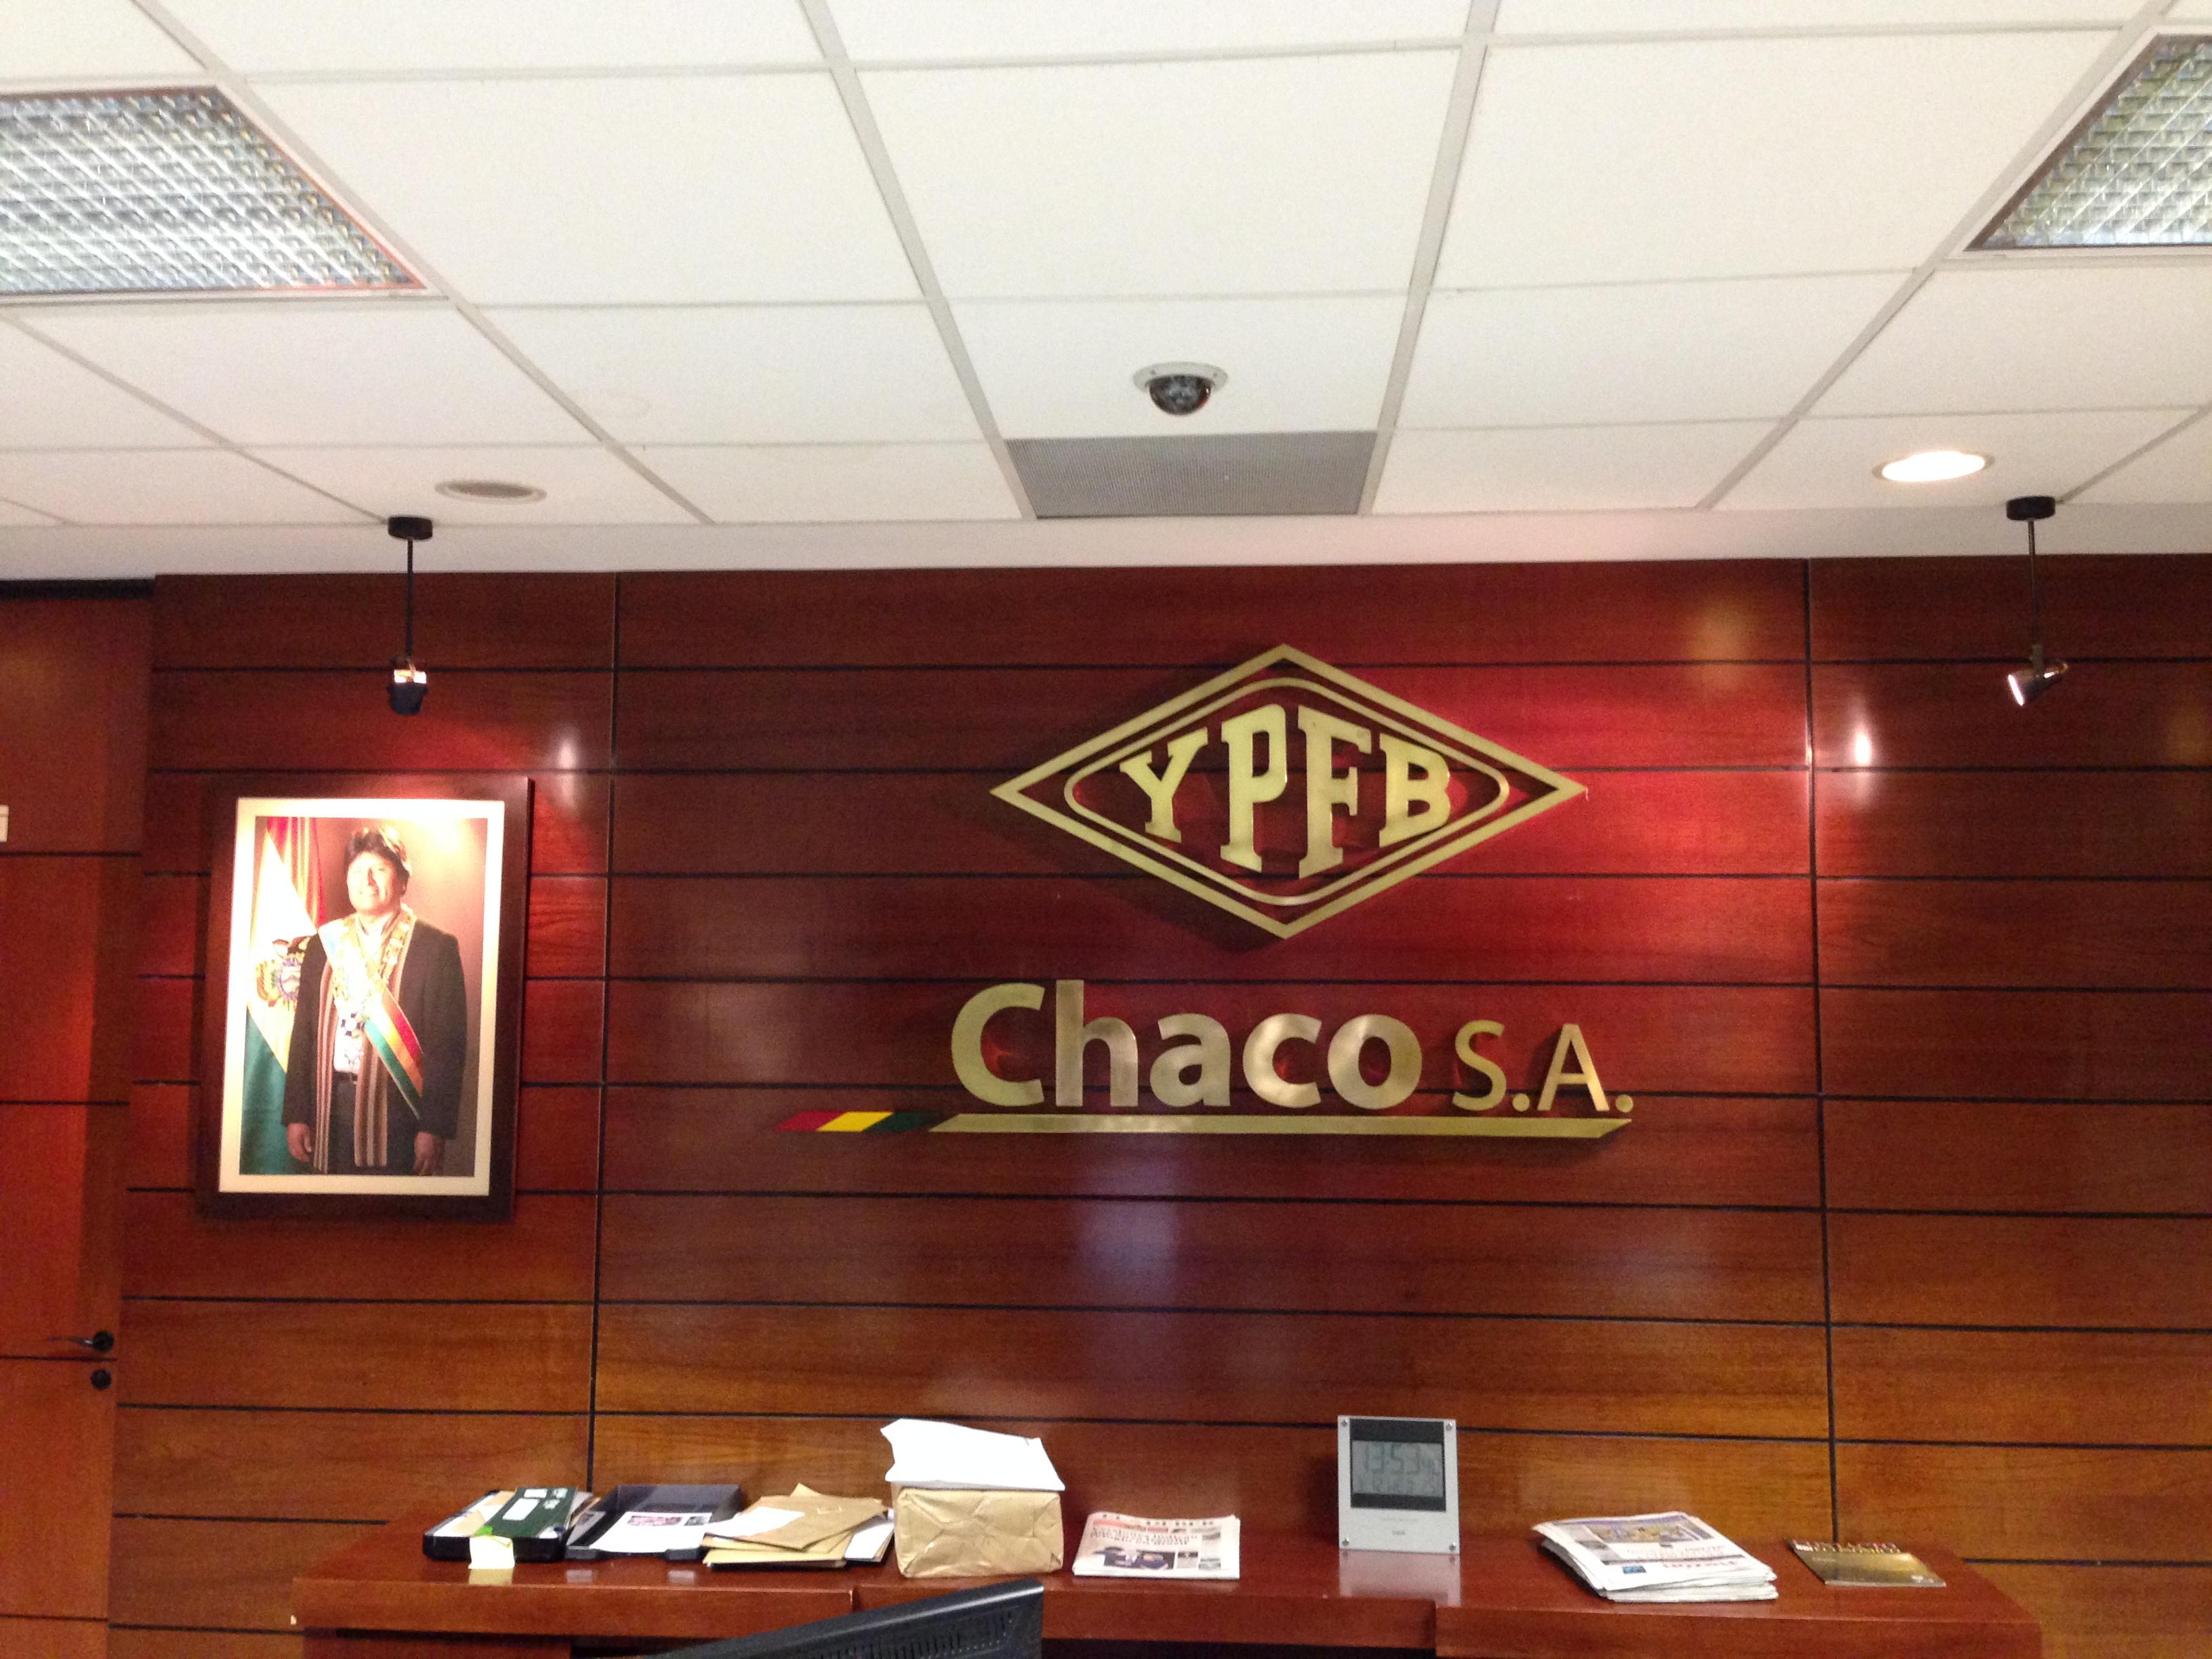 Sede social de YPFB Chaco S.A. (Yacimientos Petrolíferos Fiscales Bolivianos)